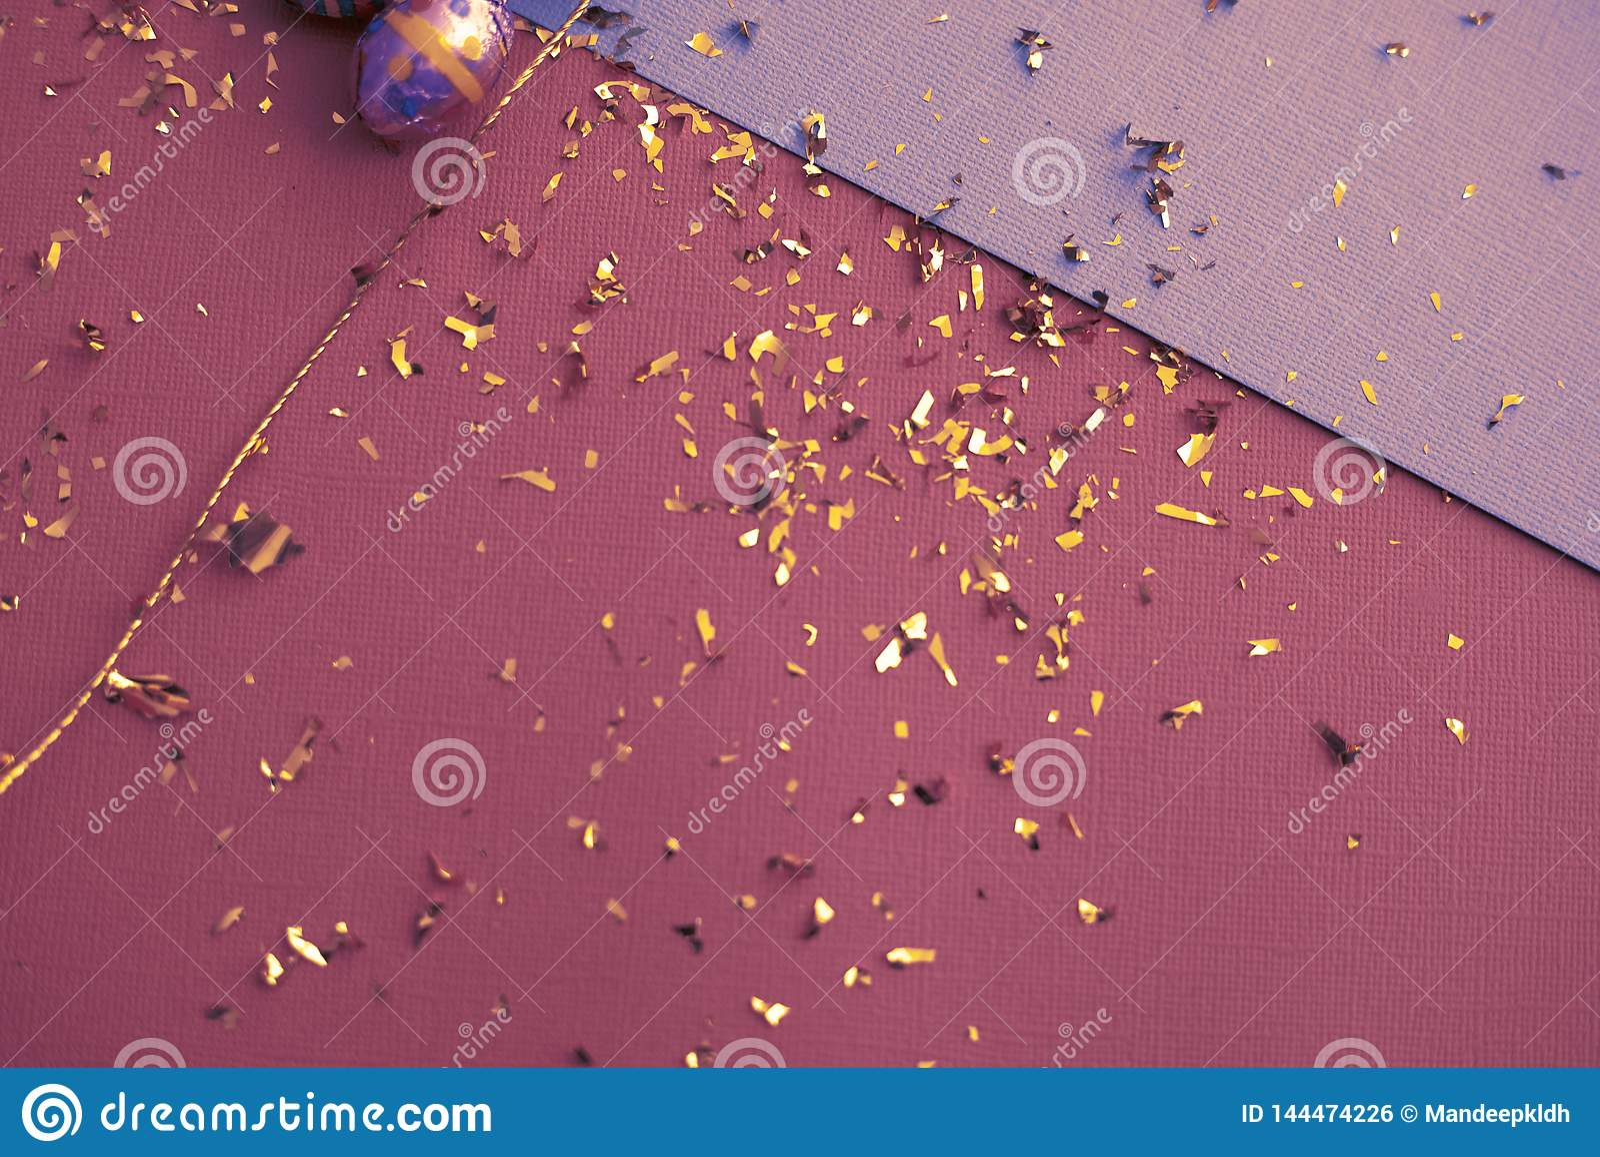 Ευχετήρια κάρτα Πάσχας Χρυσό κομφετί στα χρωματισμένα φύλλα Χρυσό αυγό Πάσχας στην επιφάνεια Τοπ άποψη των ρυθμίσεων ντεκόρ